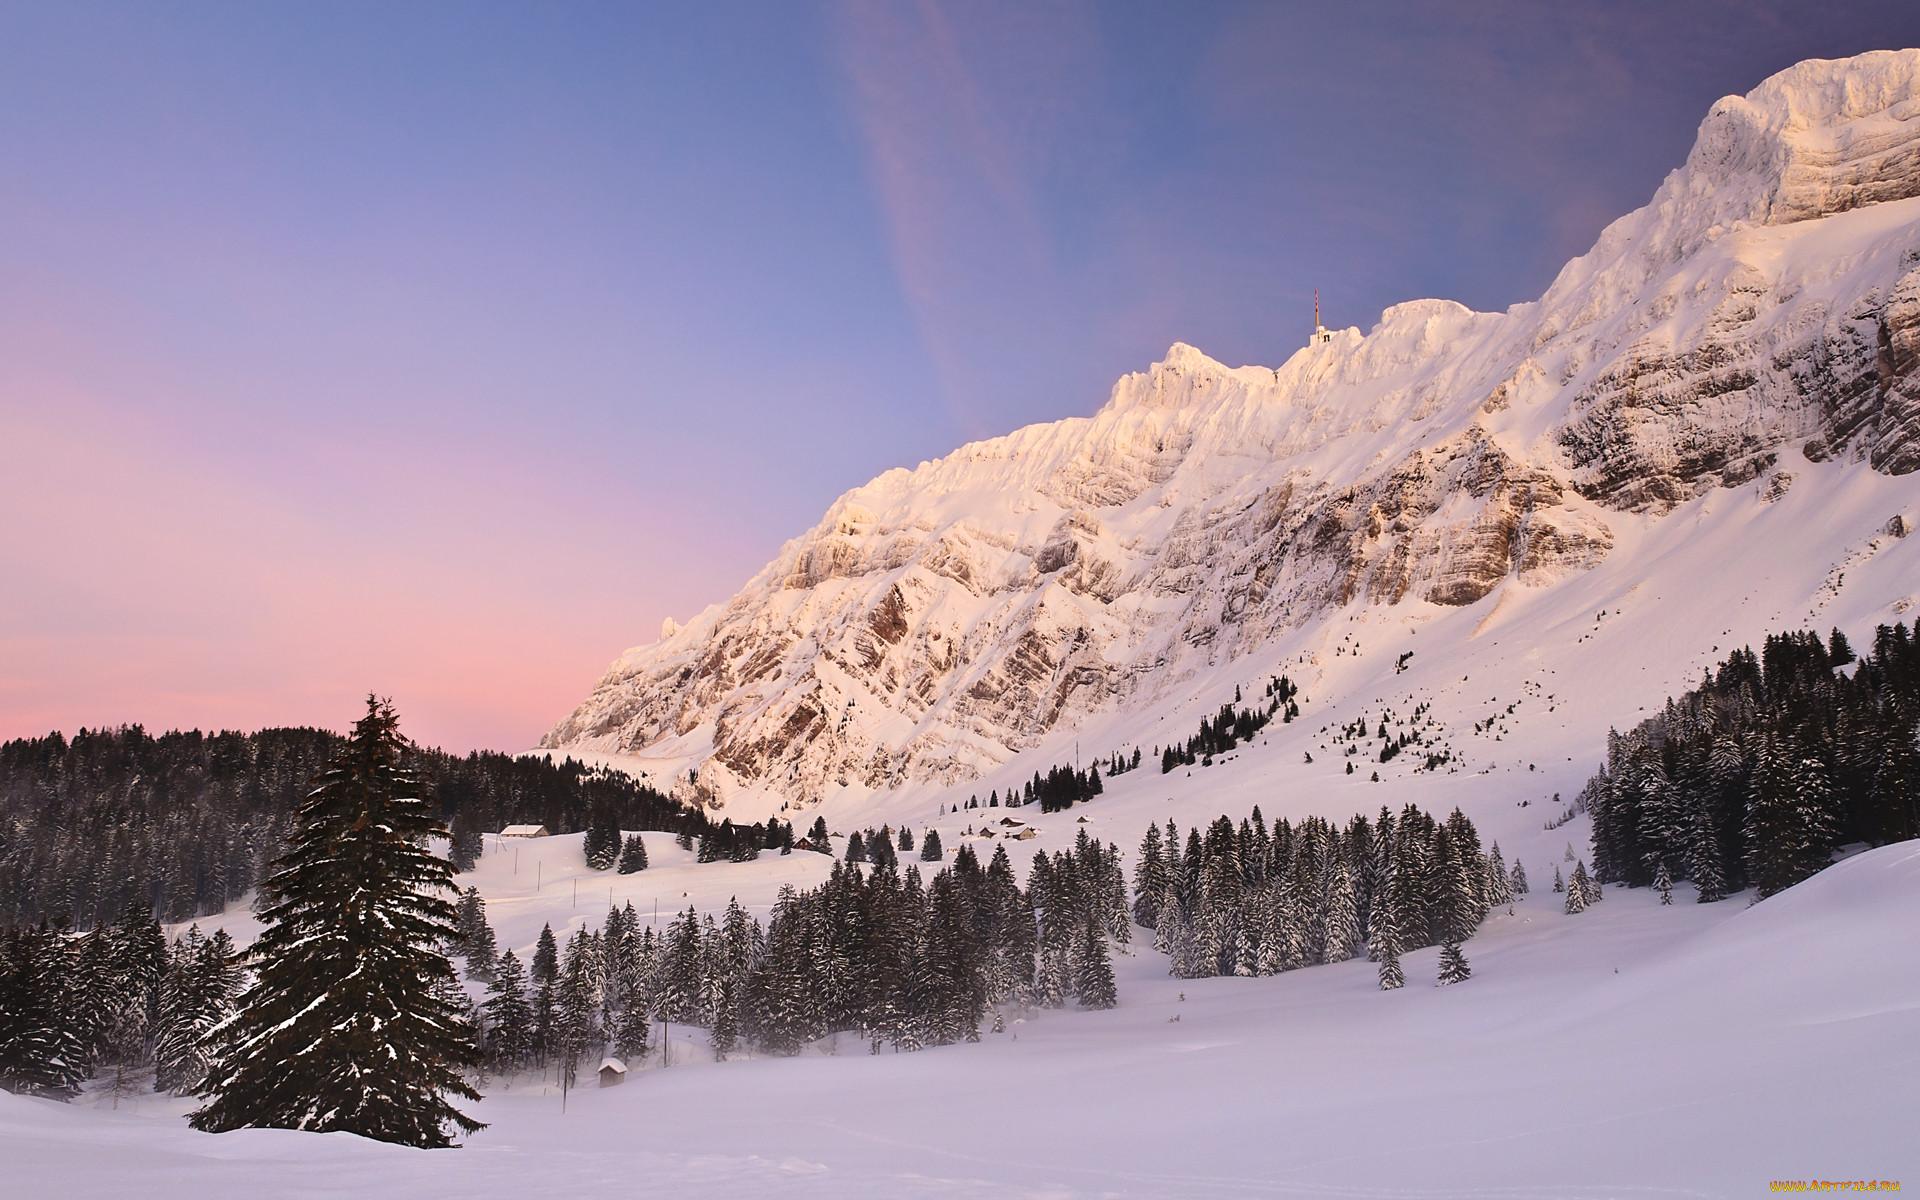 Природа зима обои для рабочего стола